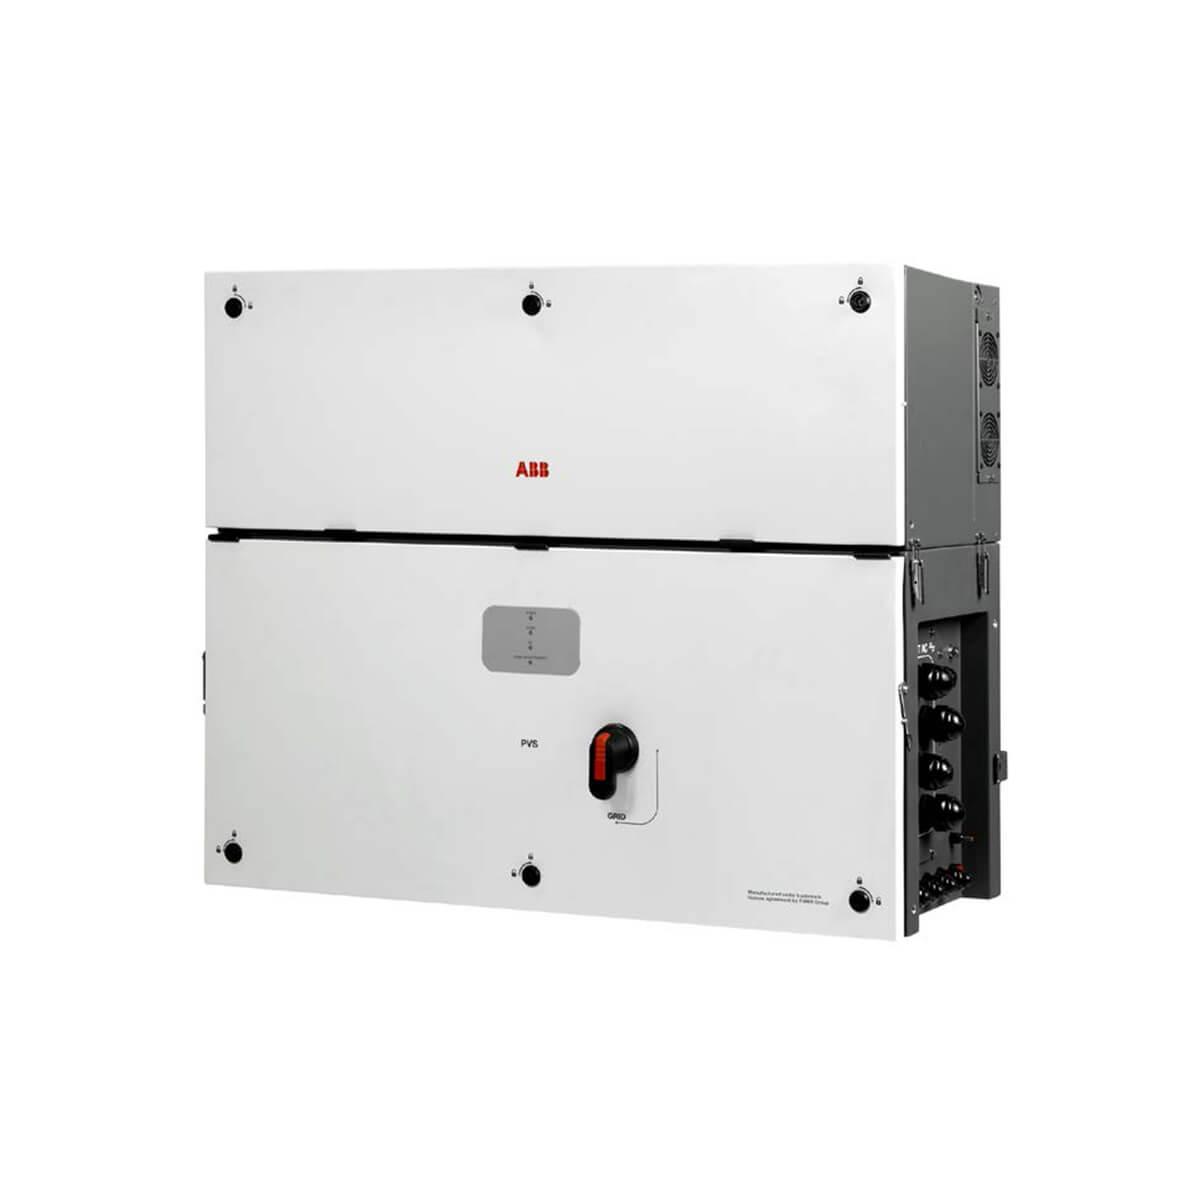 abb fimer 120kW inverter, abb fimer pvs 120kW inverter, abb fimer pvs-120-tl inverter, abb fimer pvs-120-tl, abb fimer pvs 120 kW, ABB FIMER 120 KW